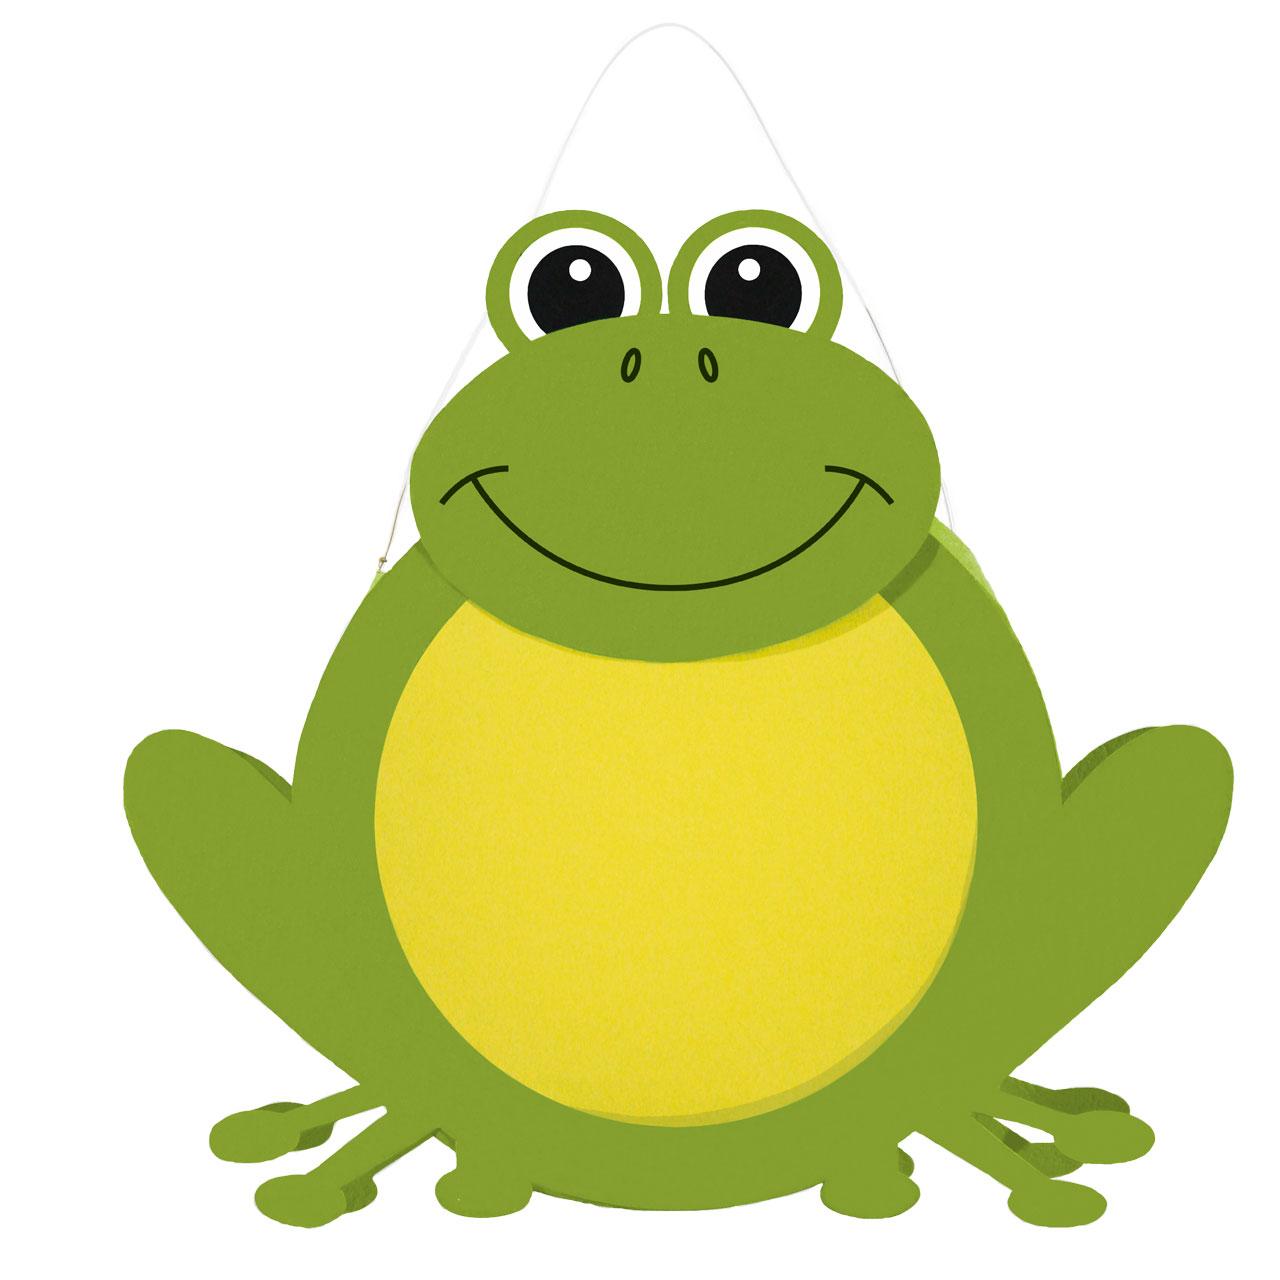 Bastelset Kinderlaterne Frosch grngelb